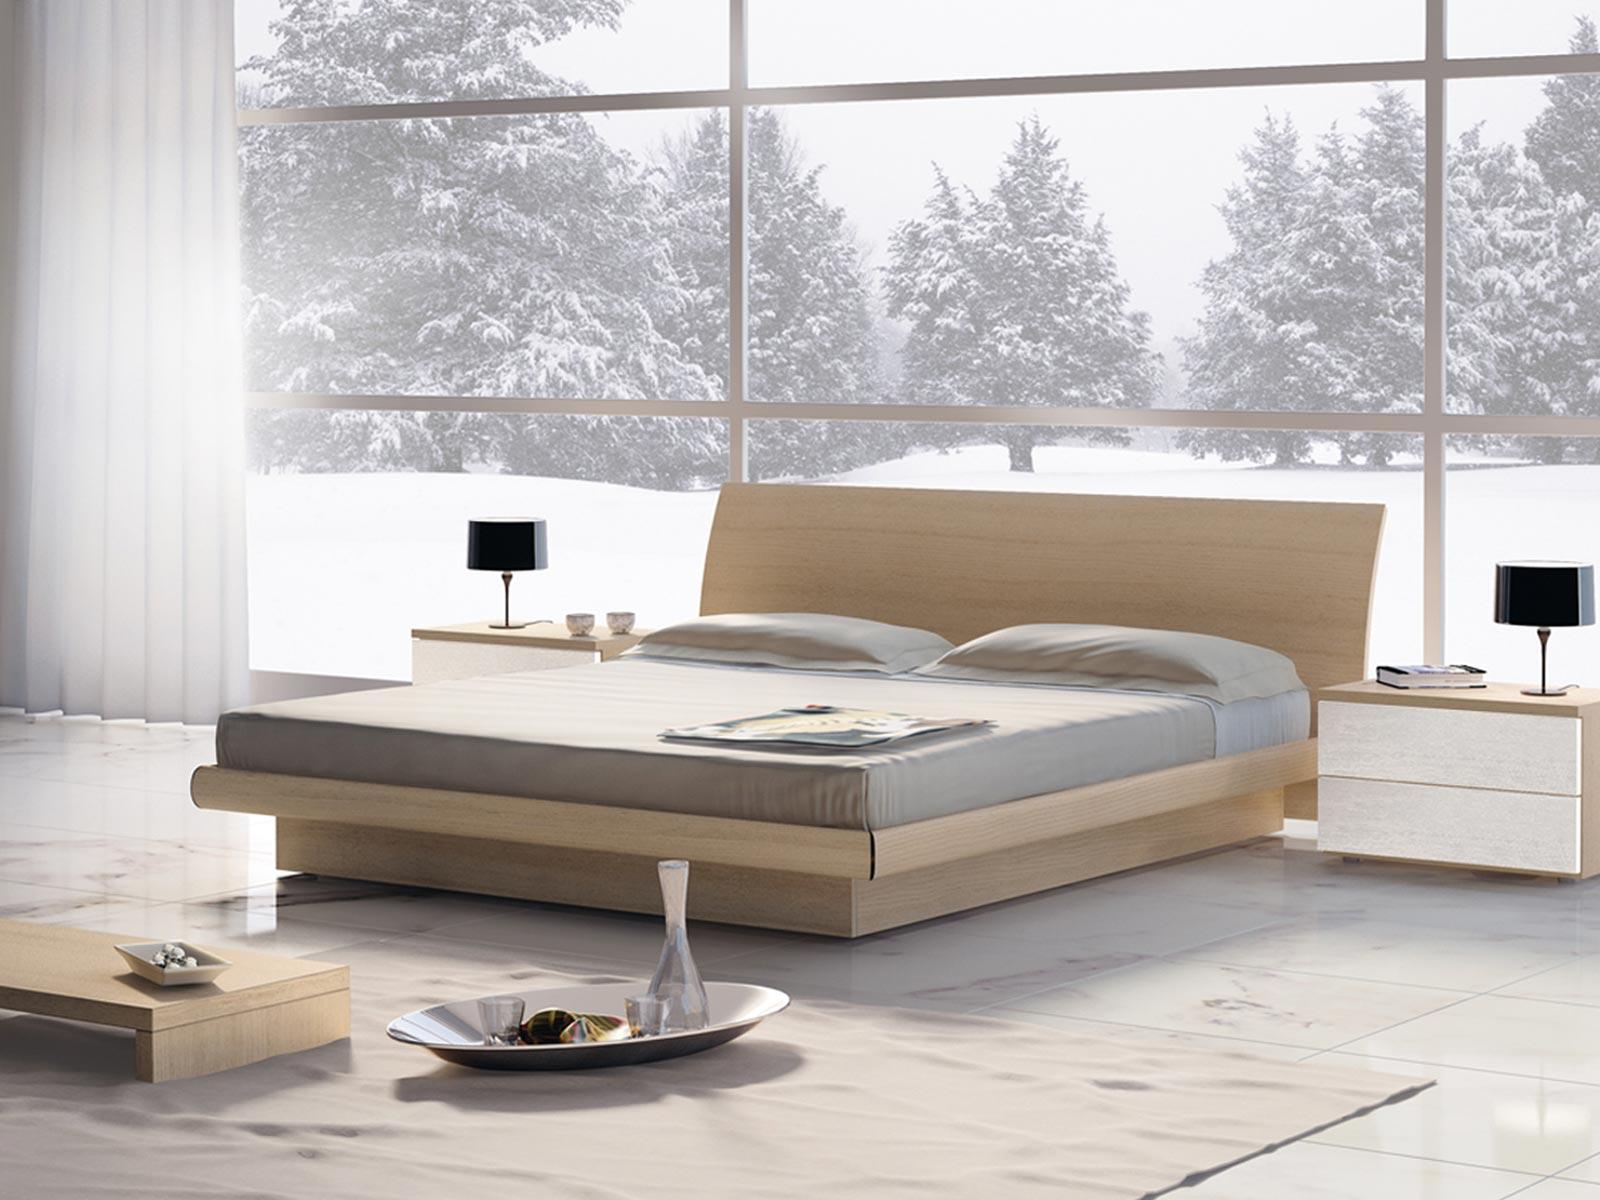 ellifratelli-delo-letto-legno-06.jpg